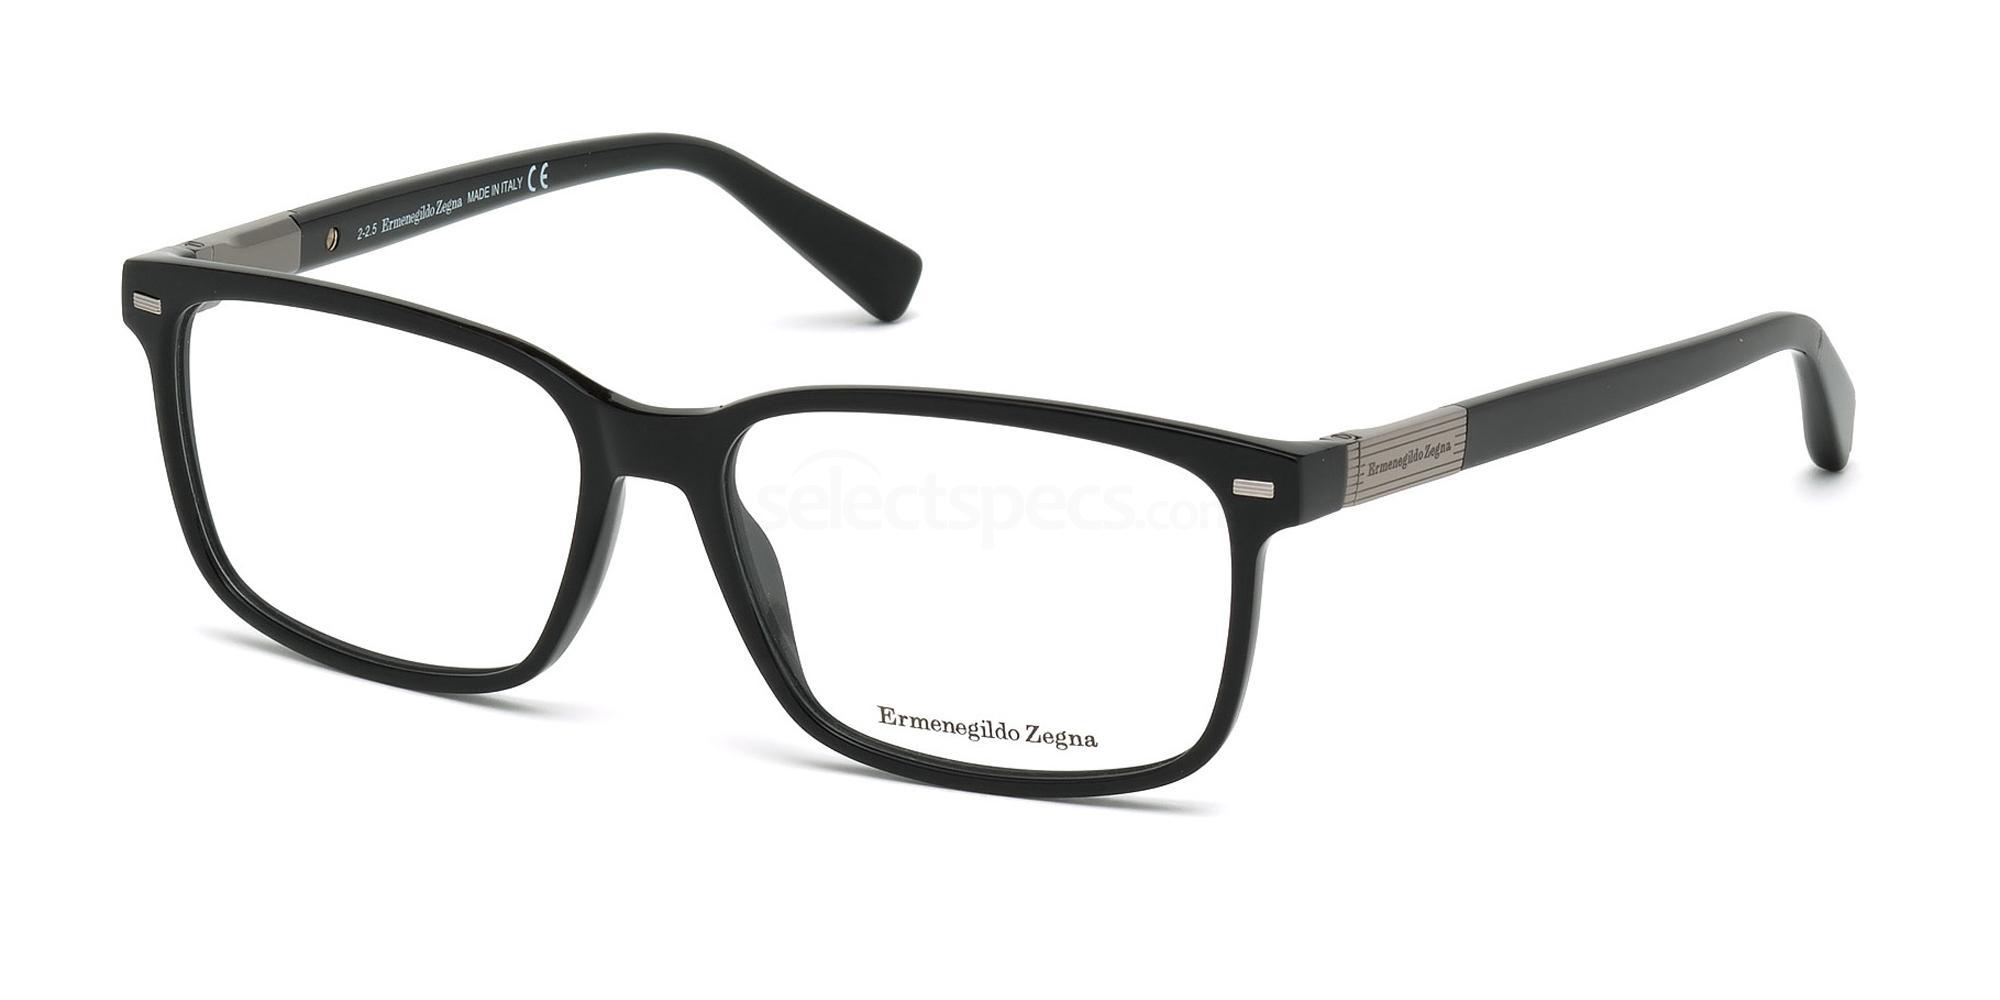 001 EZ5045 Glasses, Ermenegildo Zegna